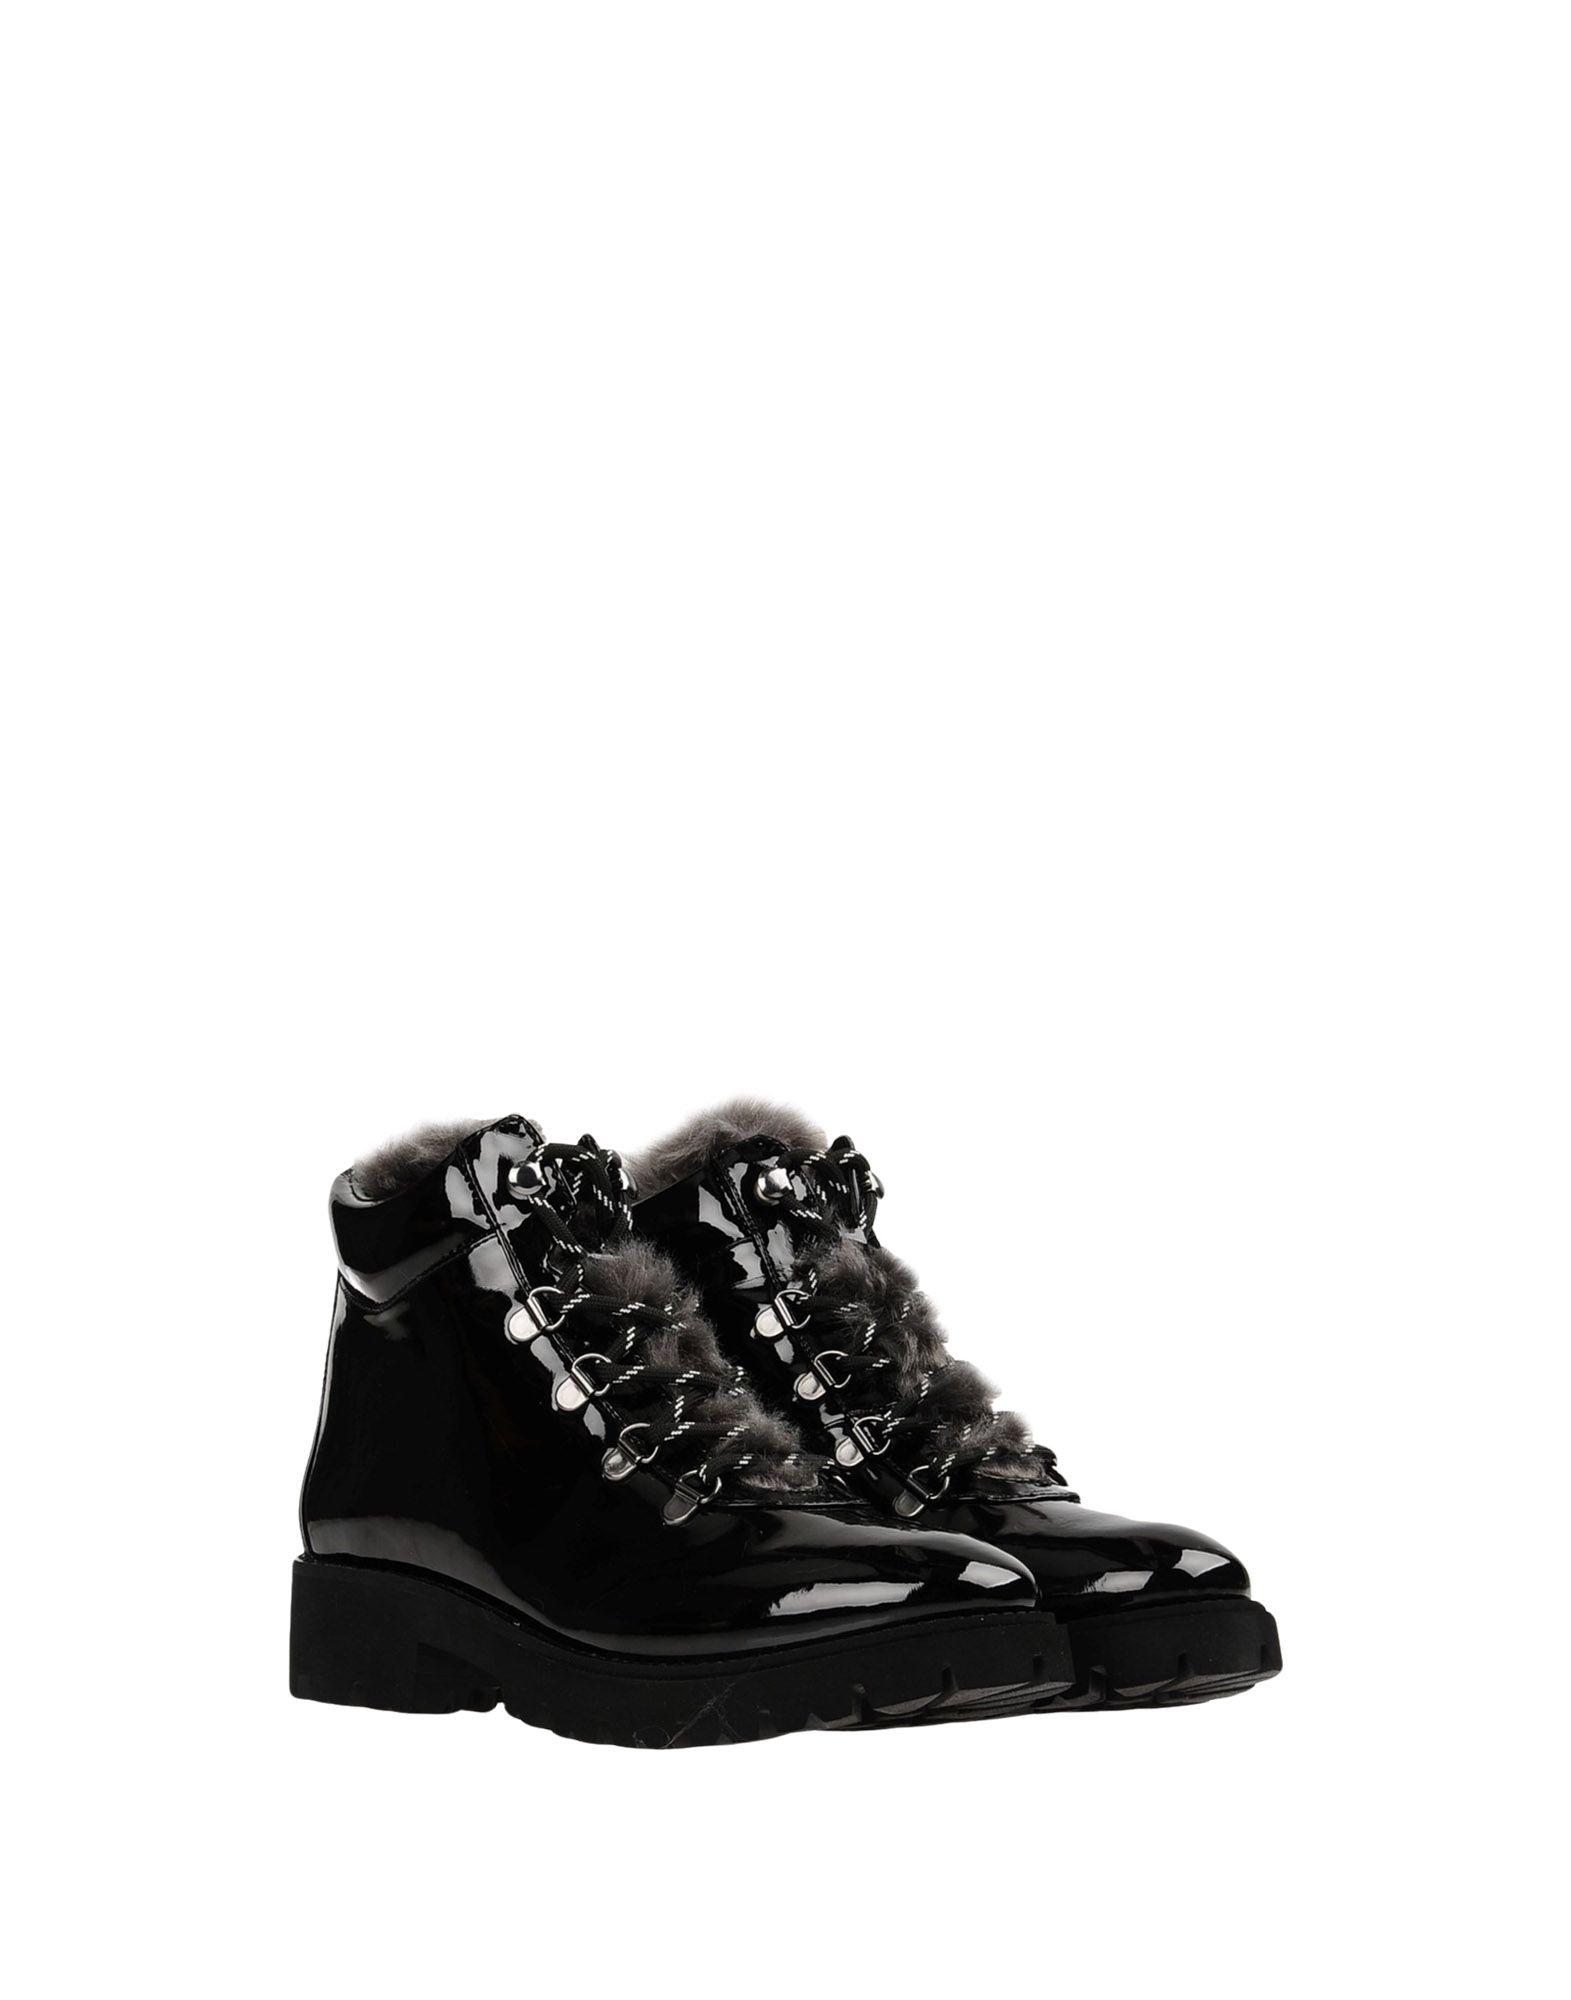 Gut um Stiefelette billige Schuhe zu tragenSteve Madden Stiefelette um Damen  11360275SV 9ab78f